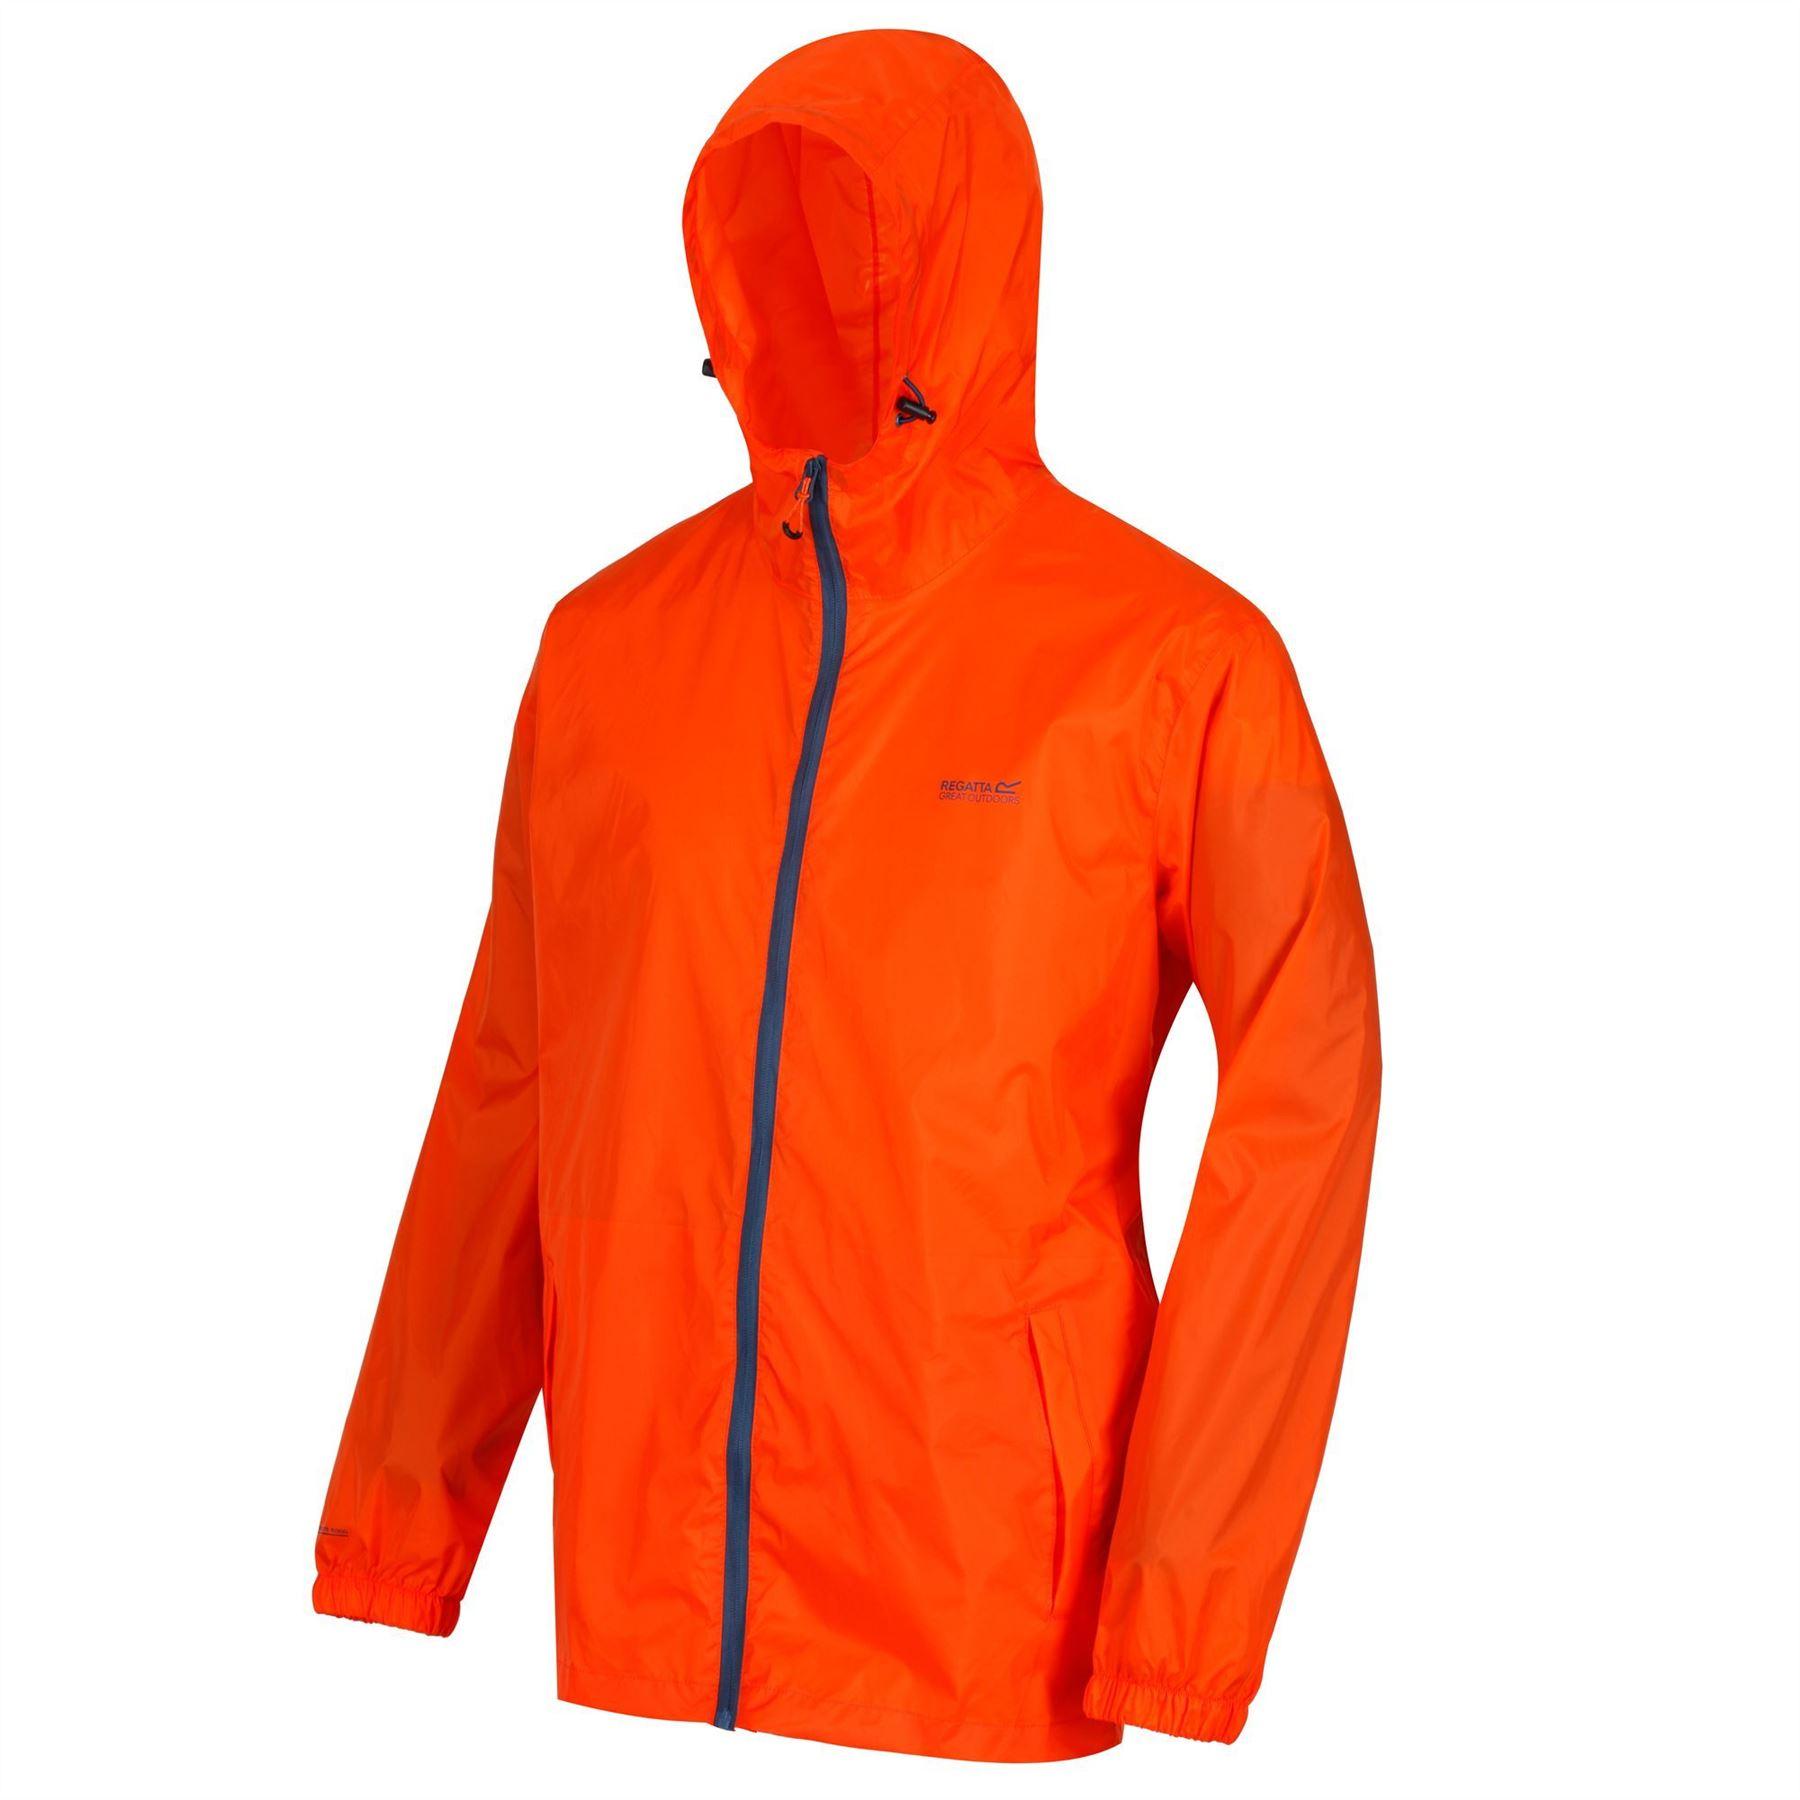 miniatuur 9 - Regatta Mens Pack-it In a bag Packable Waterproof Jacket Outdoor Pack a mac